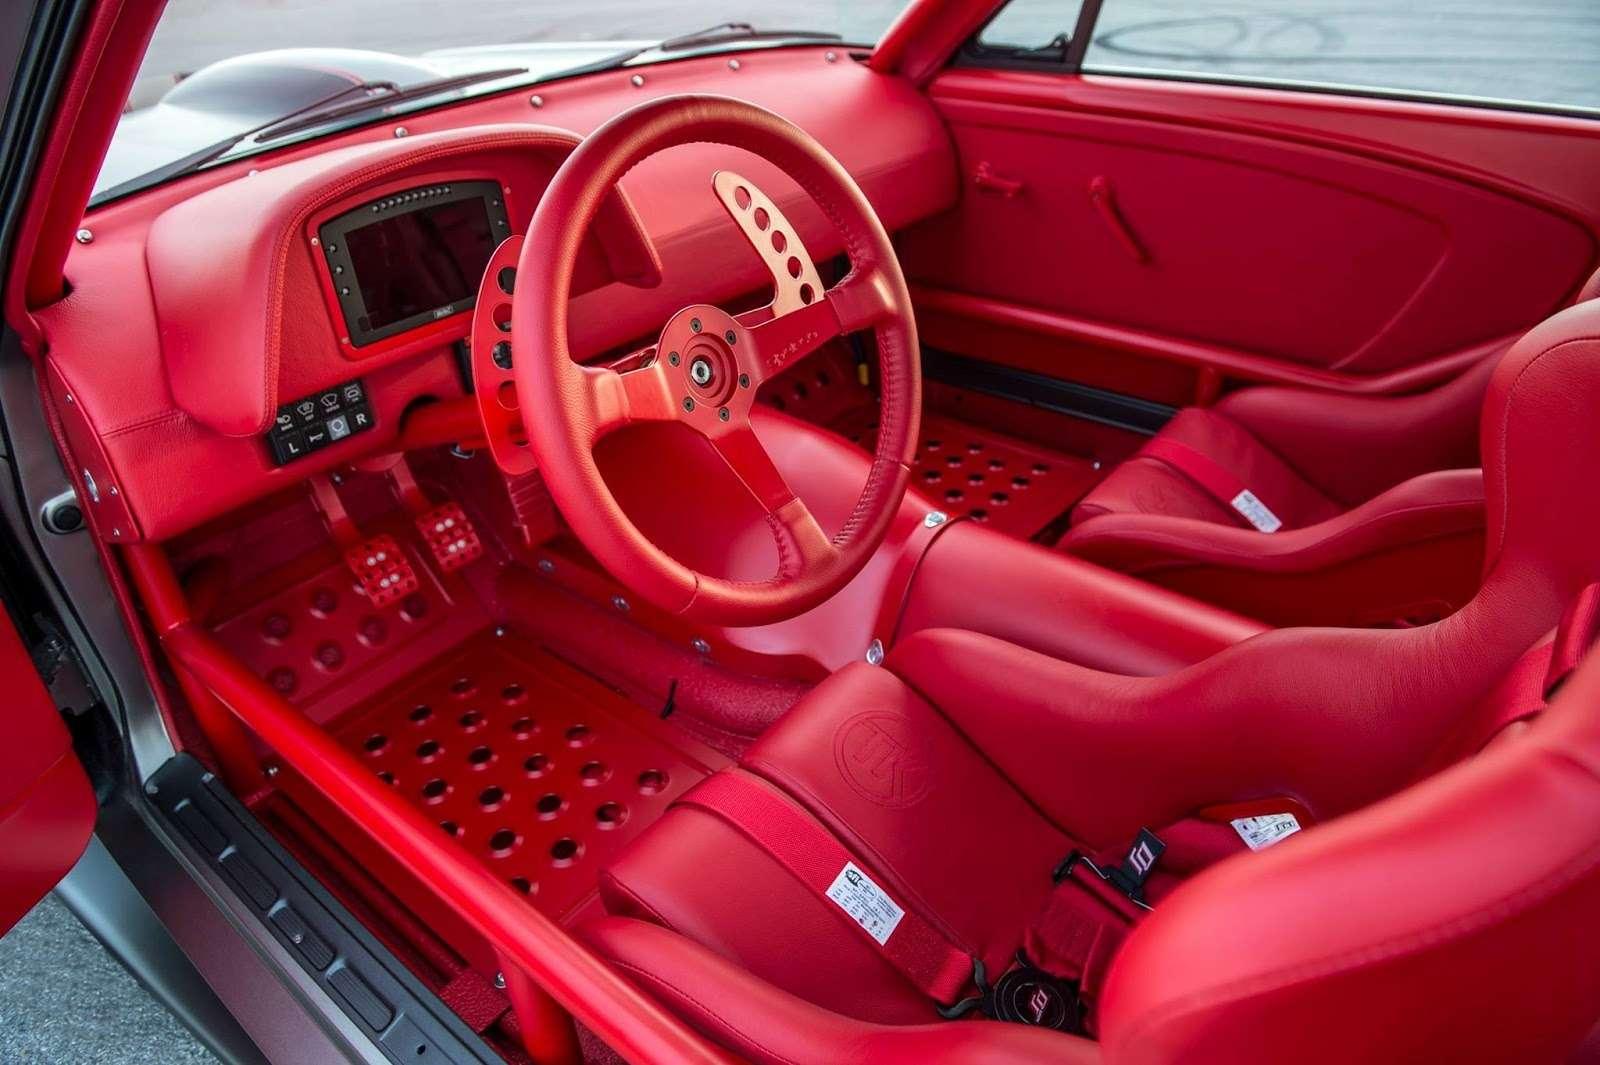 Конь Горыныч: 1000-сильный Ford Mustang стройным наддувом